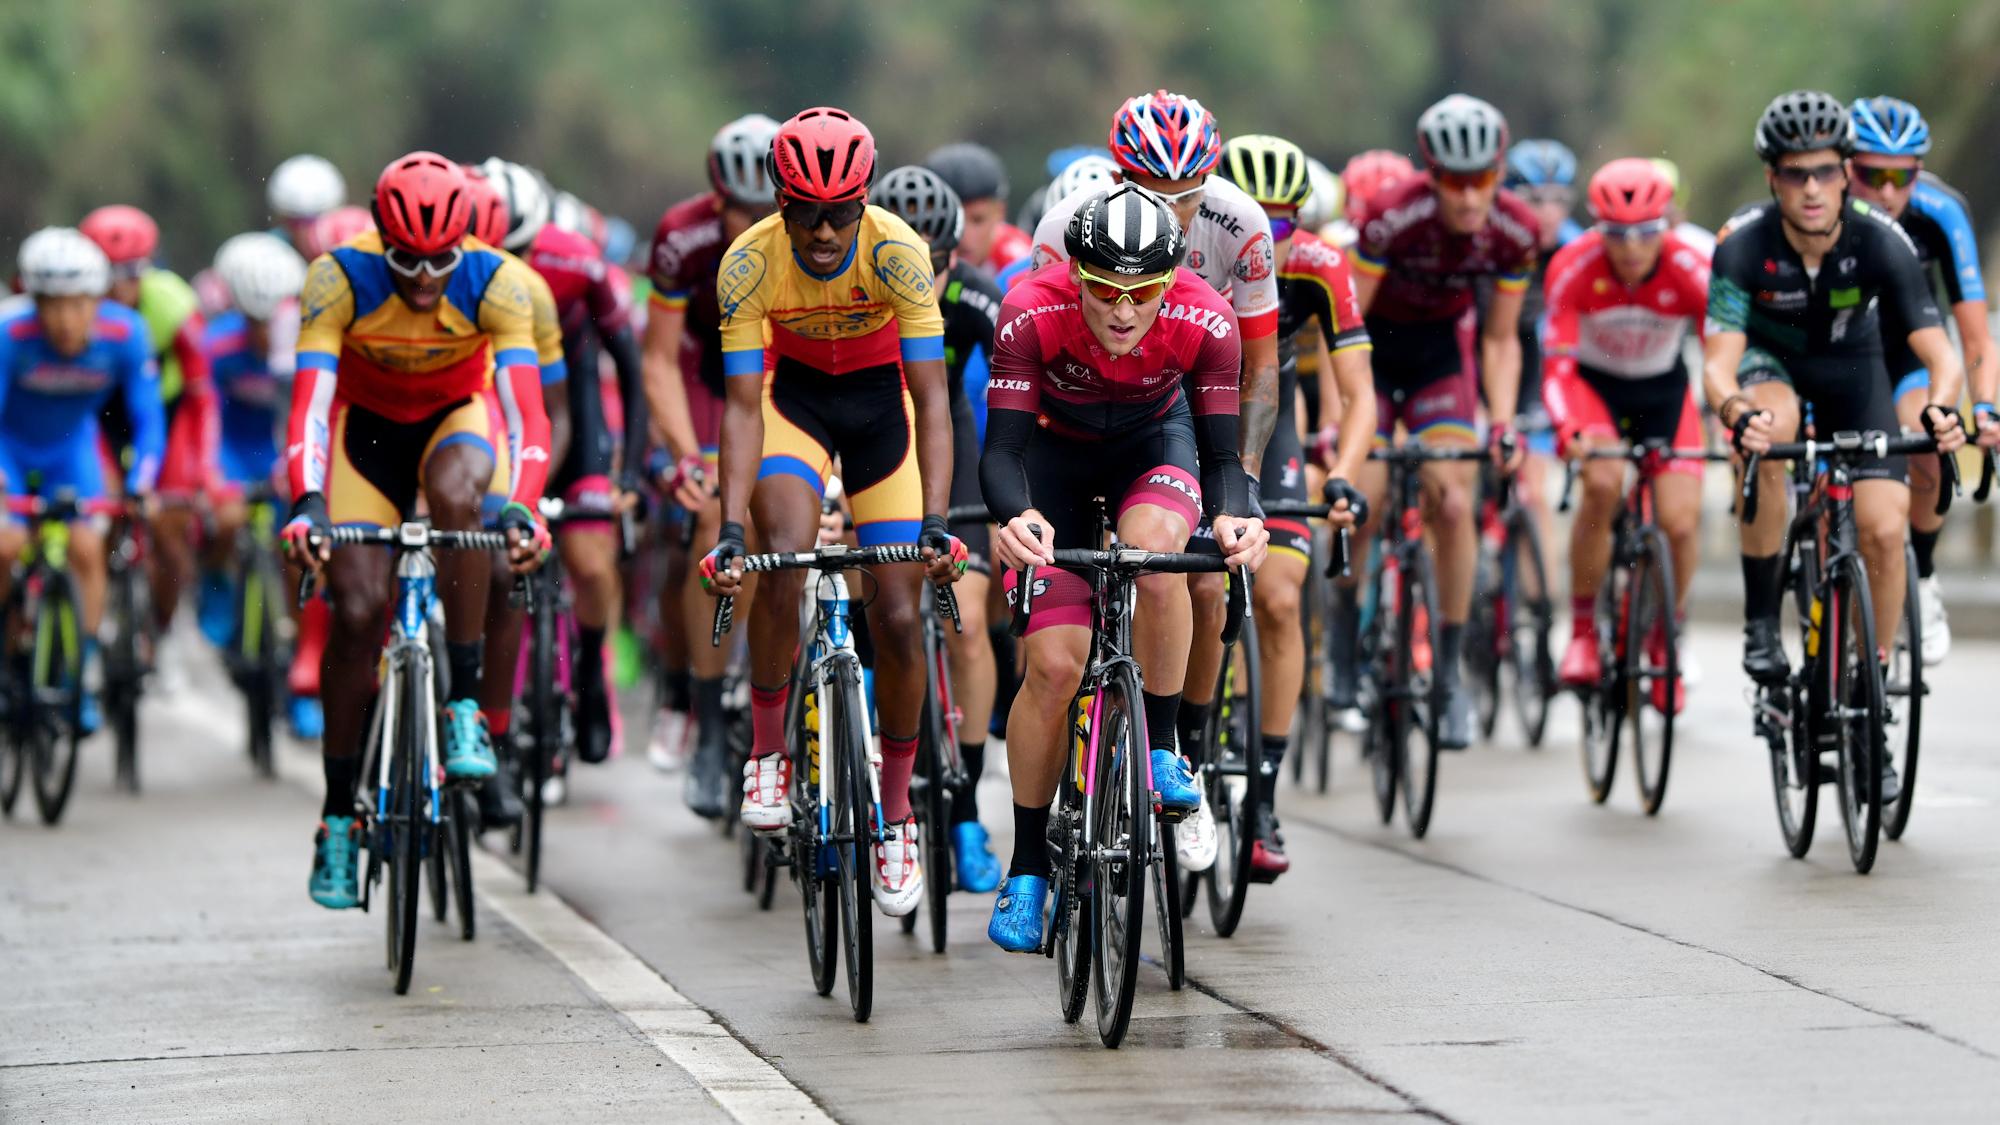 环福州自行车赛第三赛段 达维尼奥克终抢下黄衫